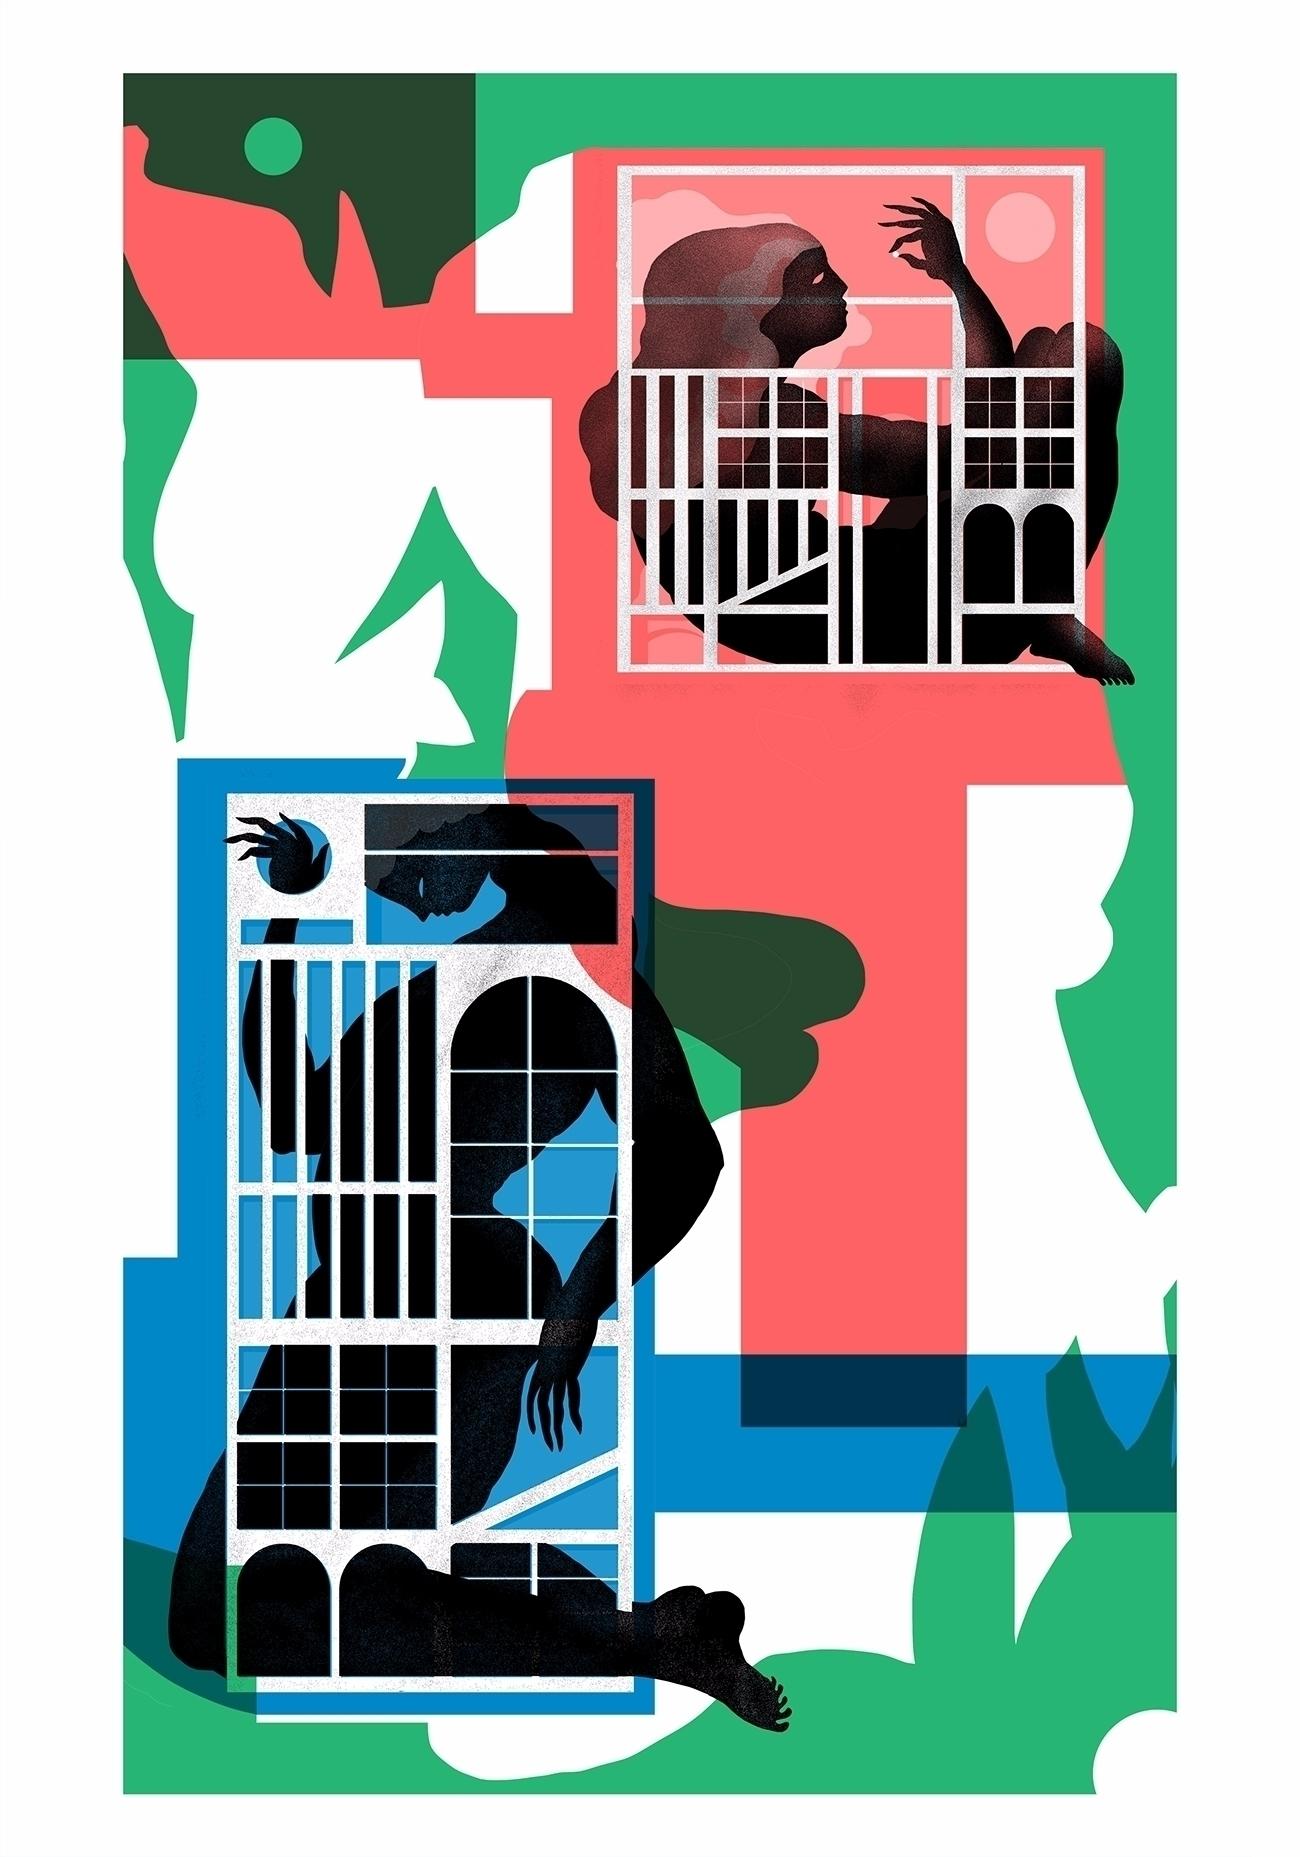 Escape city - illustration, digitalart - julien_brogard | ello